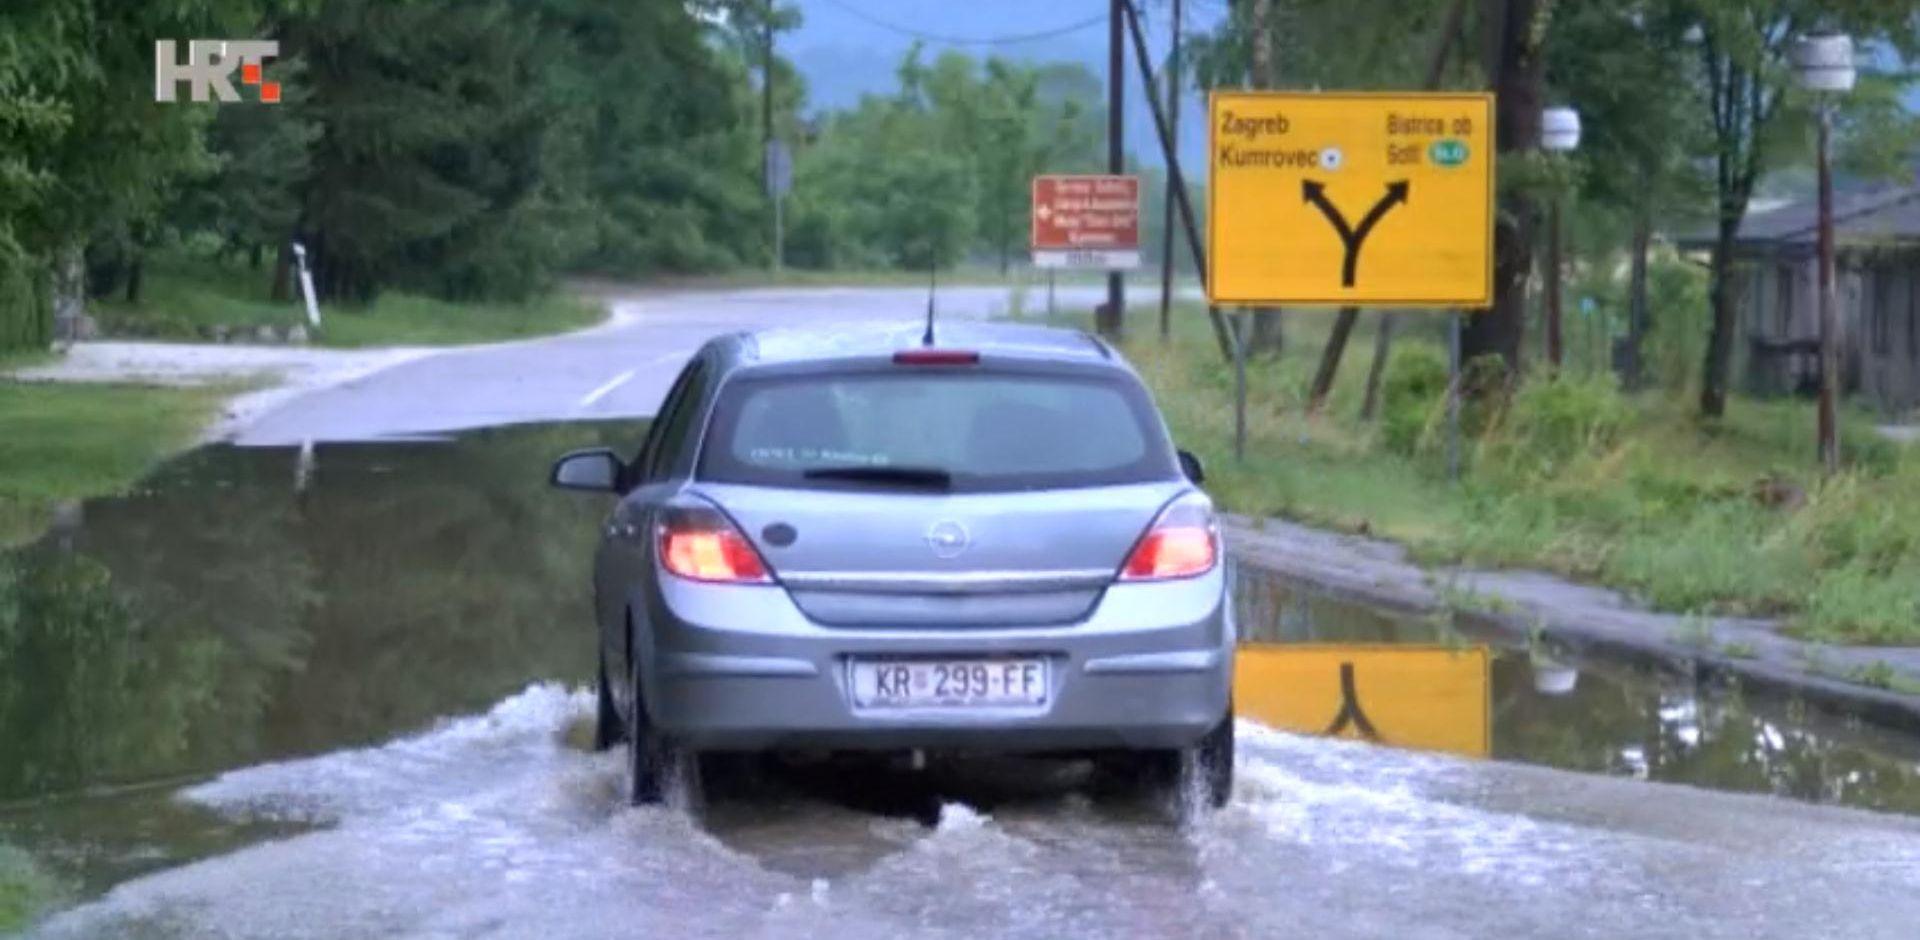 OLUJNO NEVRIJEME U samo pola sata poplavljeno tridesetak kuća u Kumrovcu